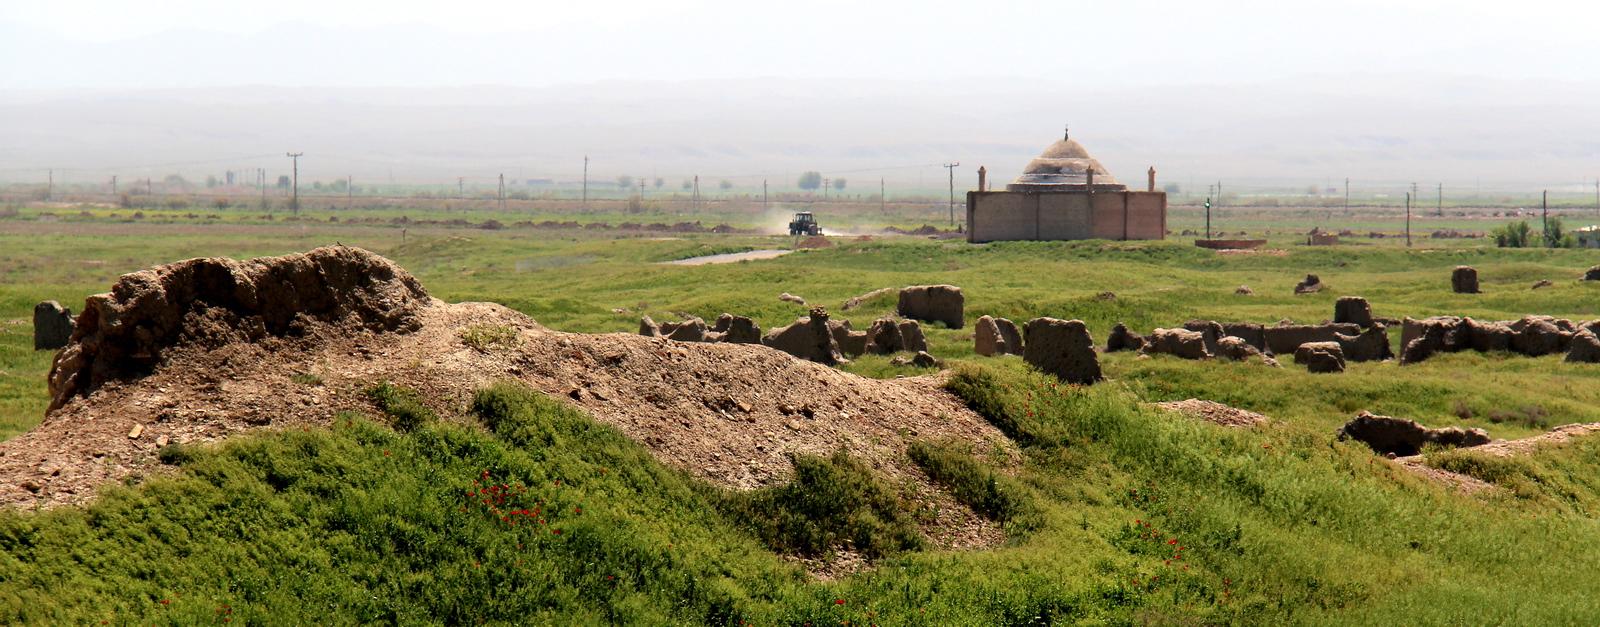 Природа Туркменистан (4)